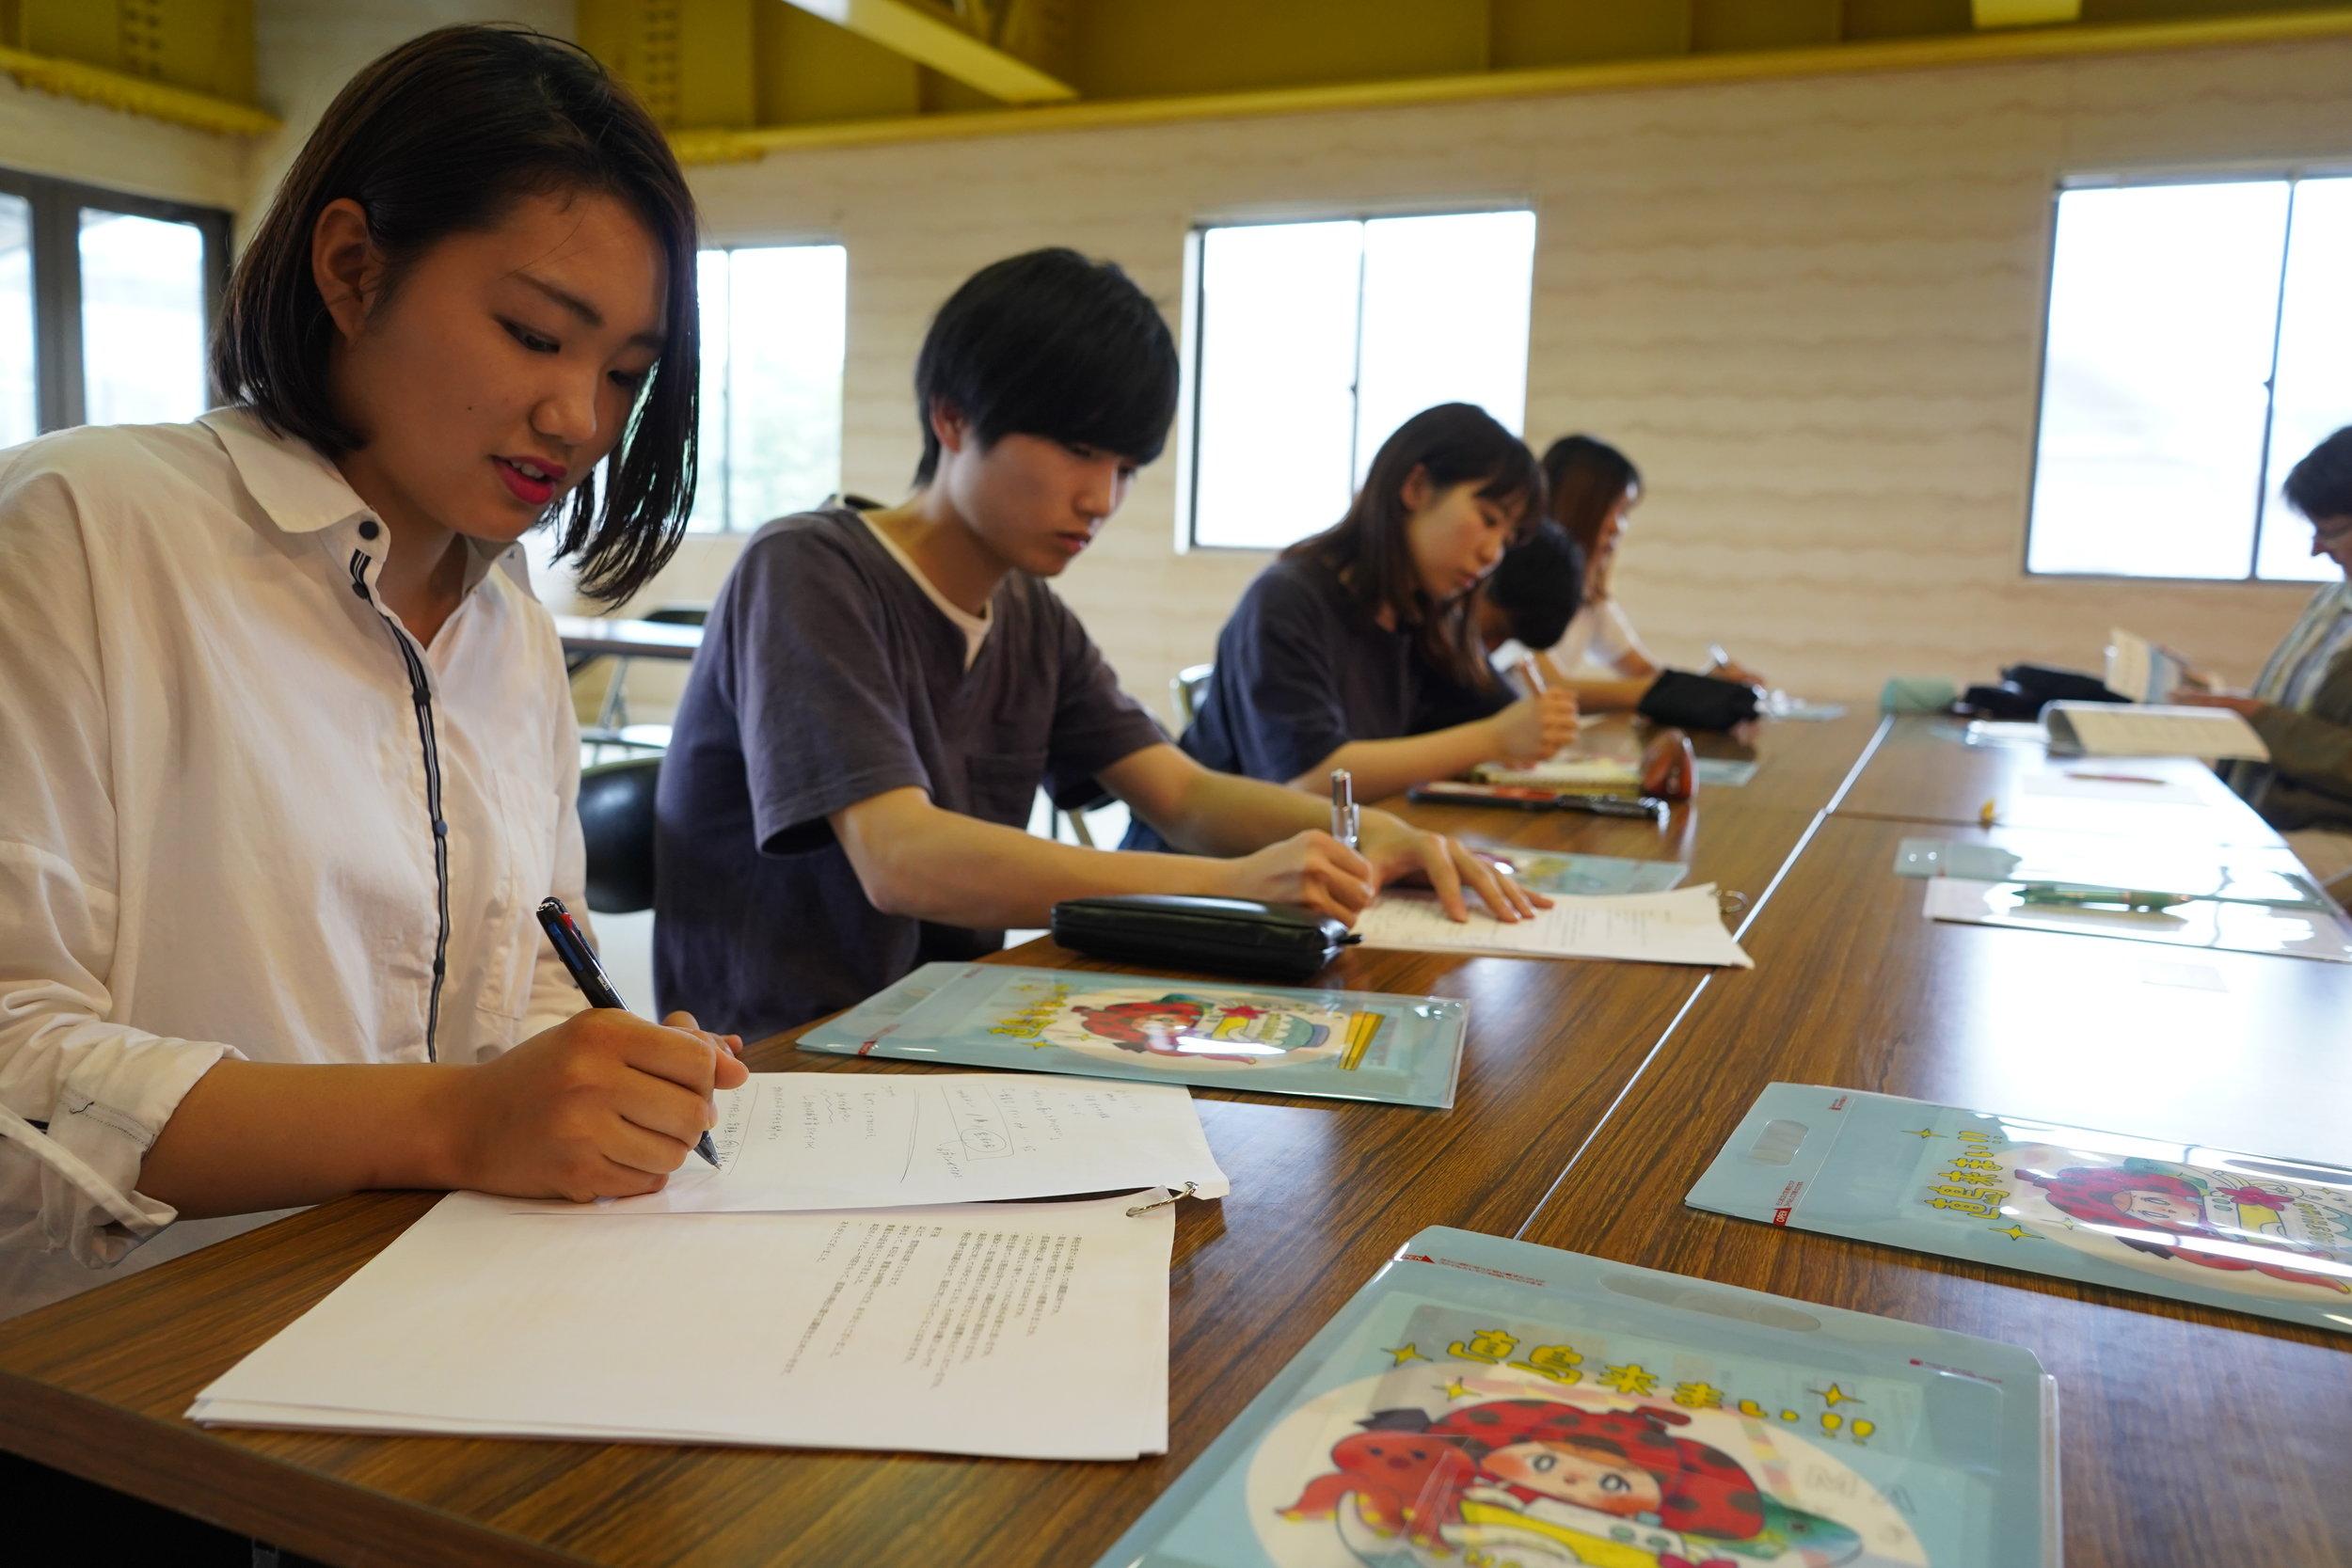 移住者グループとインフラのグループは直島町役場で調査。 The in-migrant and infrastructure groups at the Naoshima Town Office.